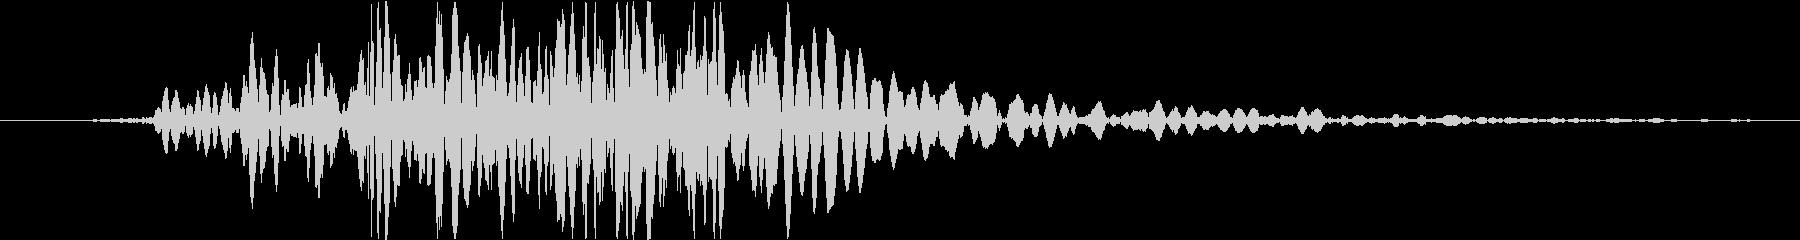 大型ブレーカースイッチ:オンまたは...の未再生の波形